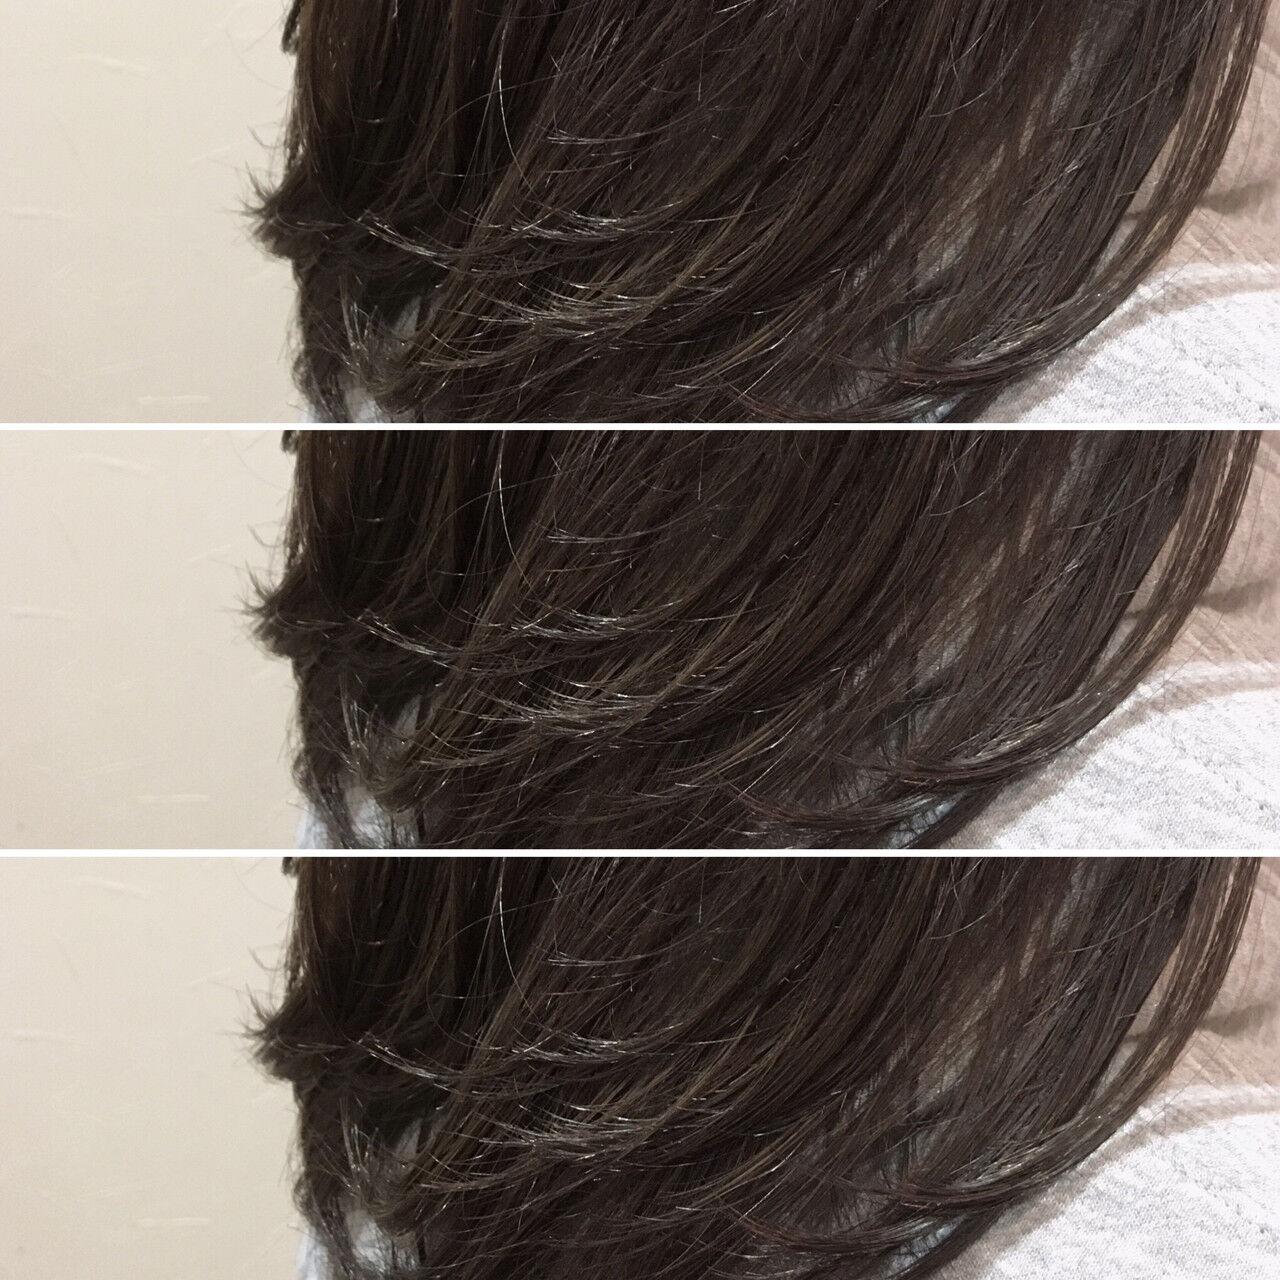 グレージュ イルミナカラー セミロング ナチュラルヘアスタイルや髪型の写真・画像